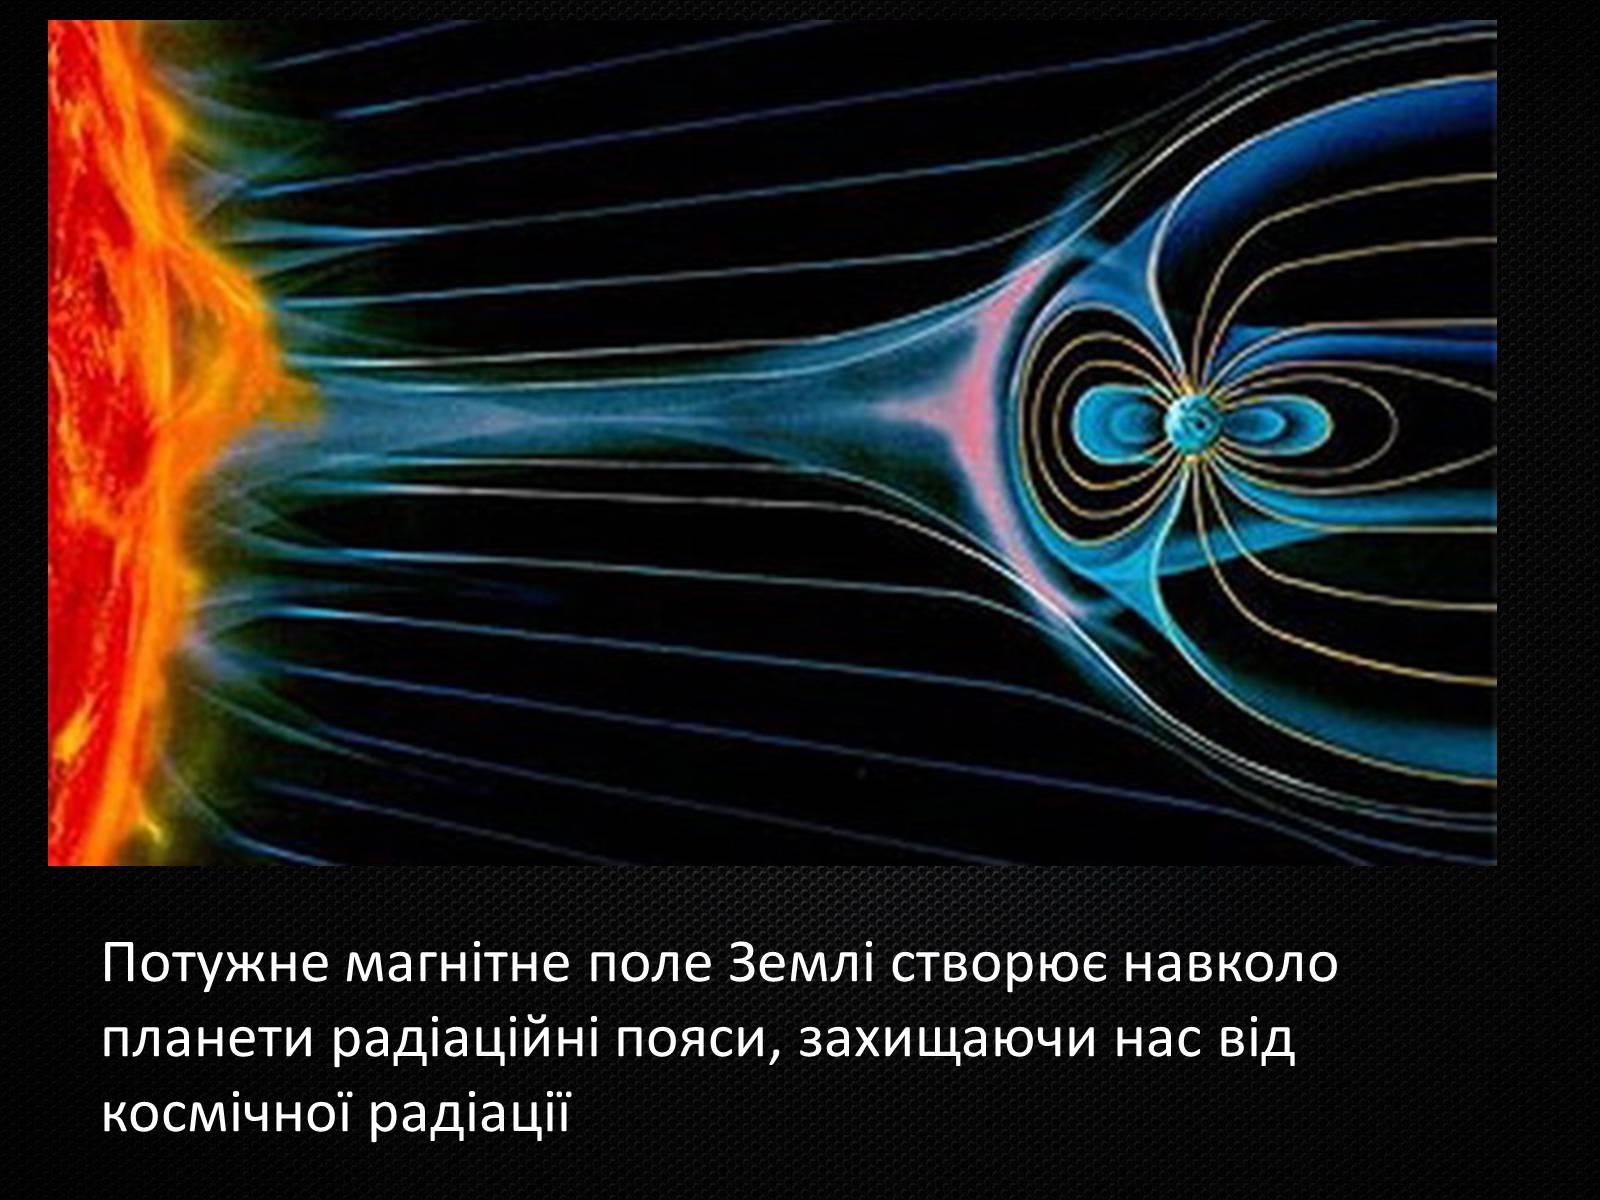 Магнитные поля ночью и днем